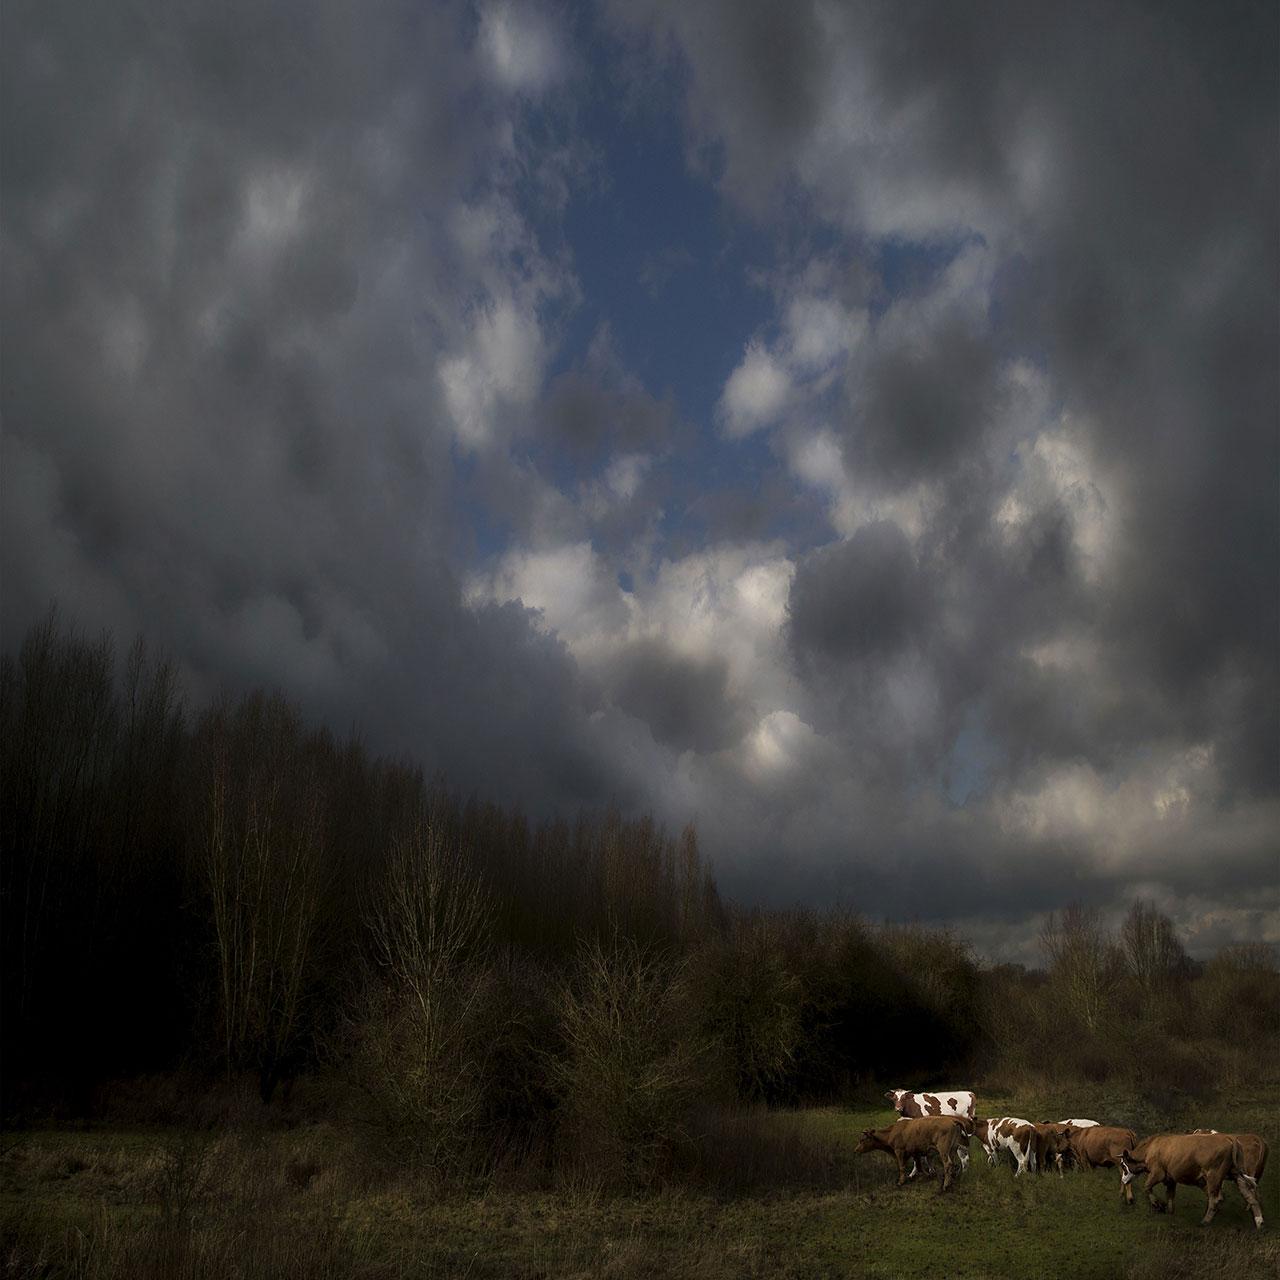 Голландский пейзаж, © Саскиа Боелсамс, Ньив-Схонебек, Нидерланды, Победитель категории «Пейзаж / Природа», Фотоконкурс Felix Schoeller